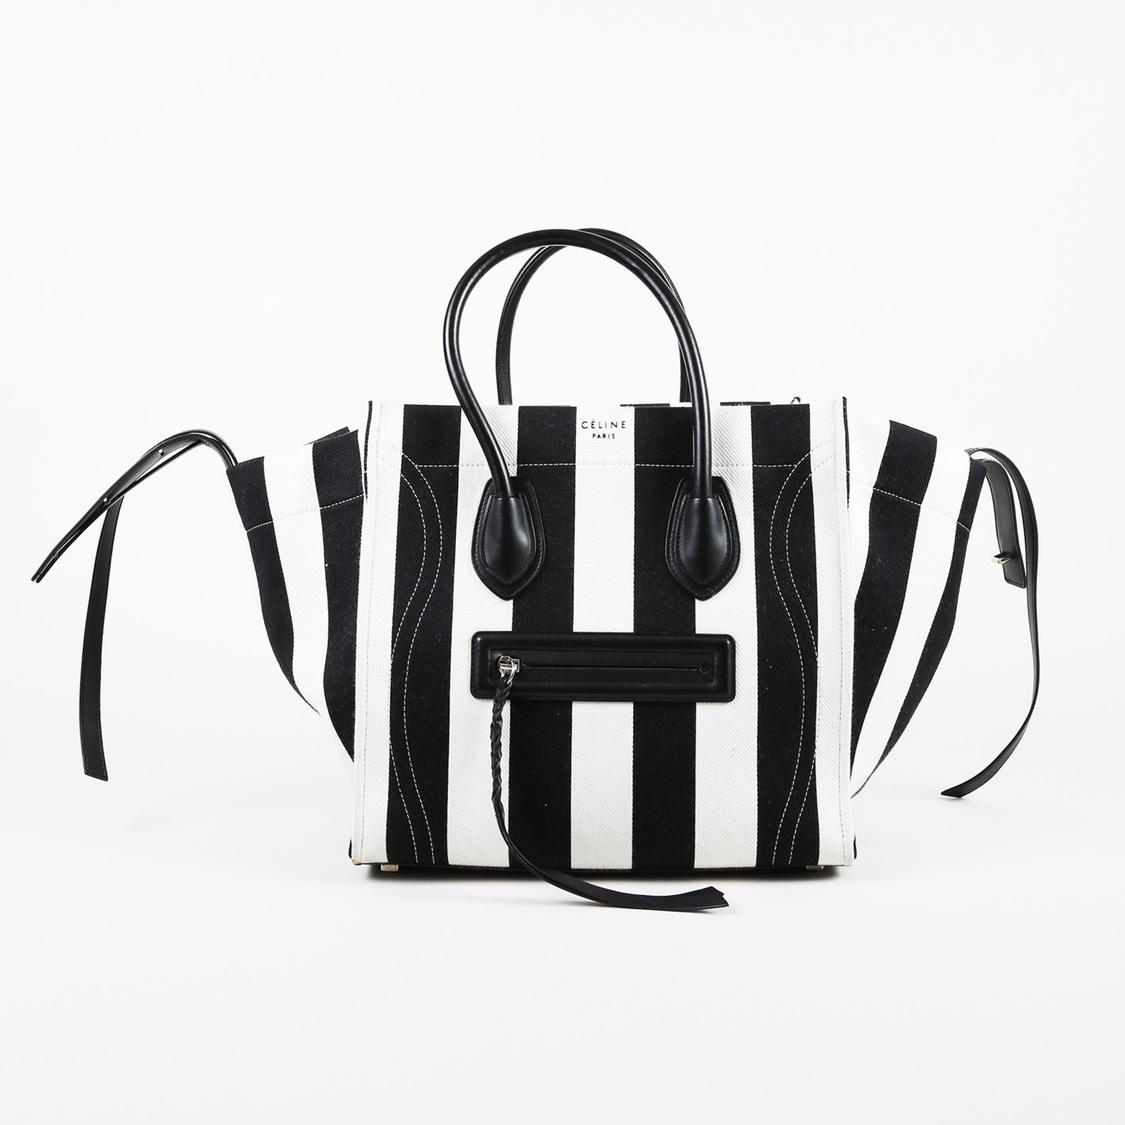 Black White Striped Canvas Medium Phantom Luggage Tote Bag